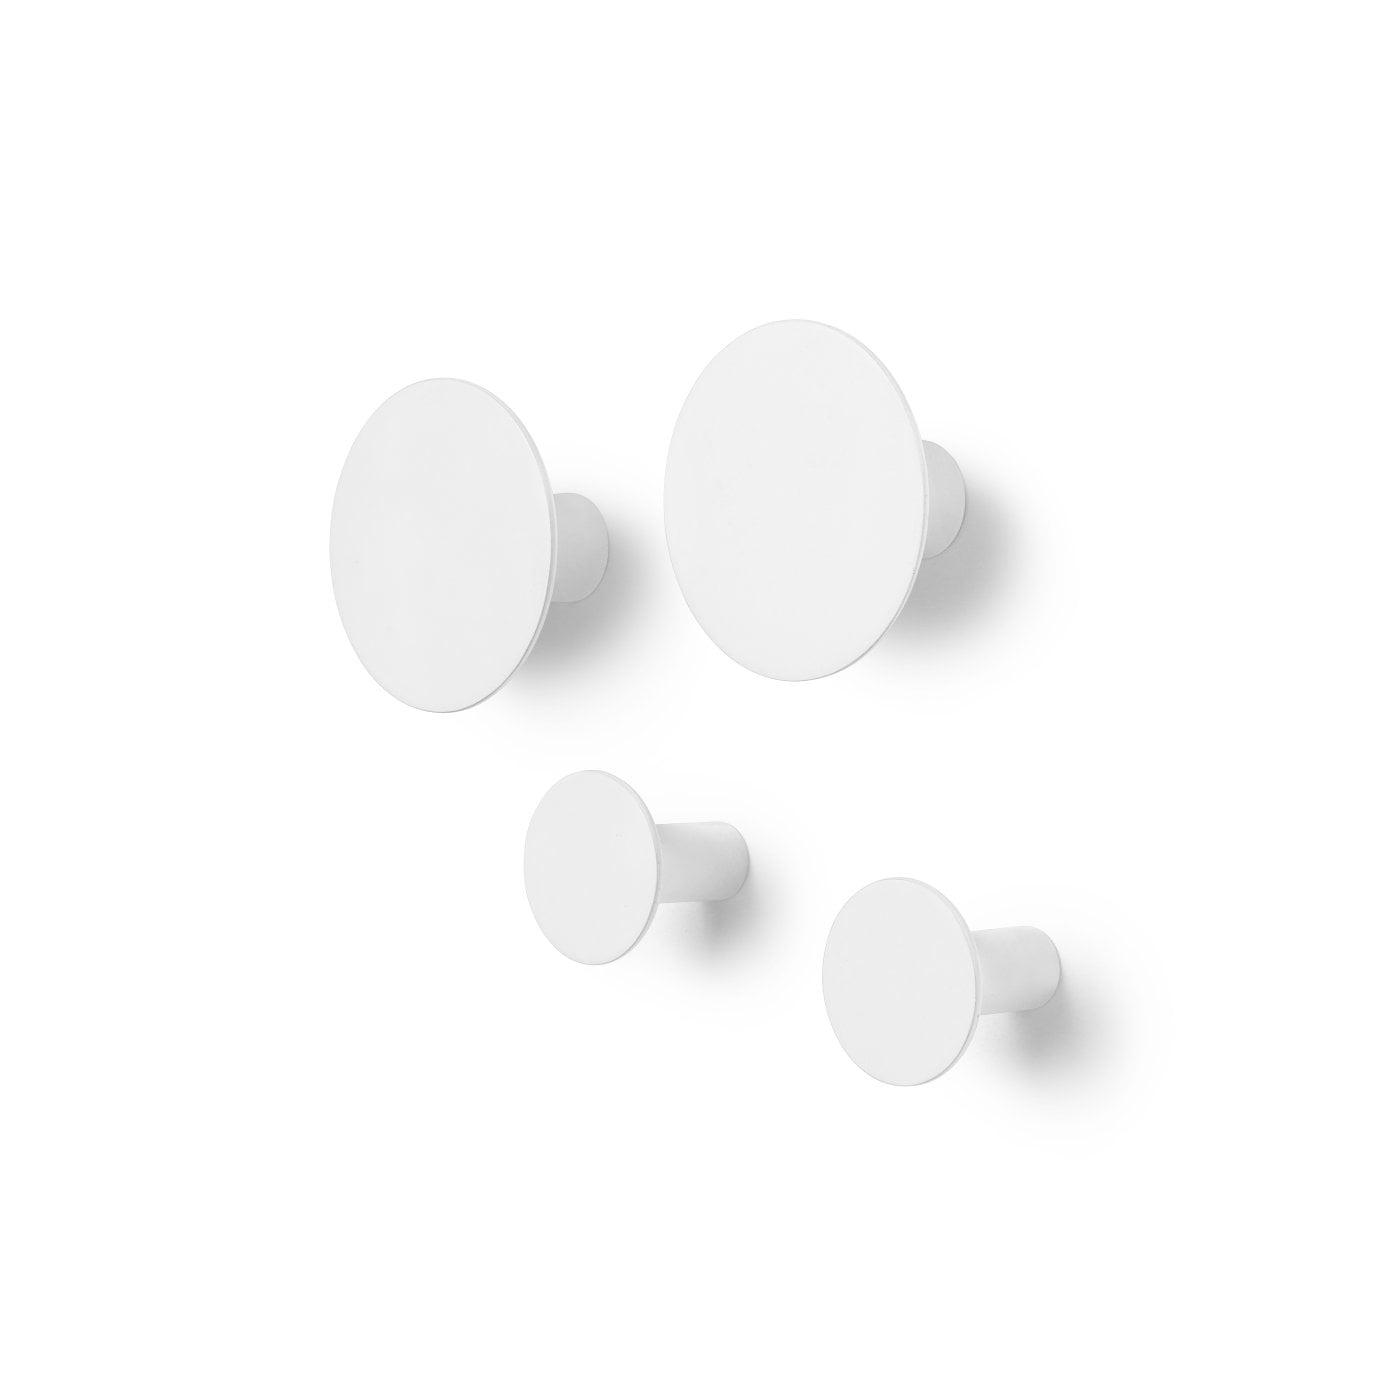 Blomus Ponto kapstokhaken set van 4 Lily white